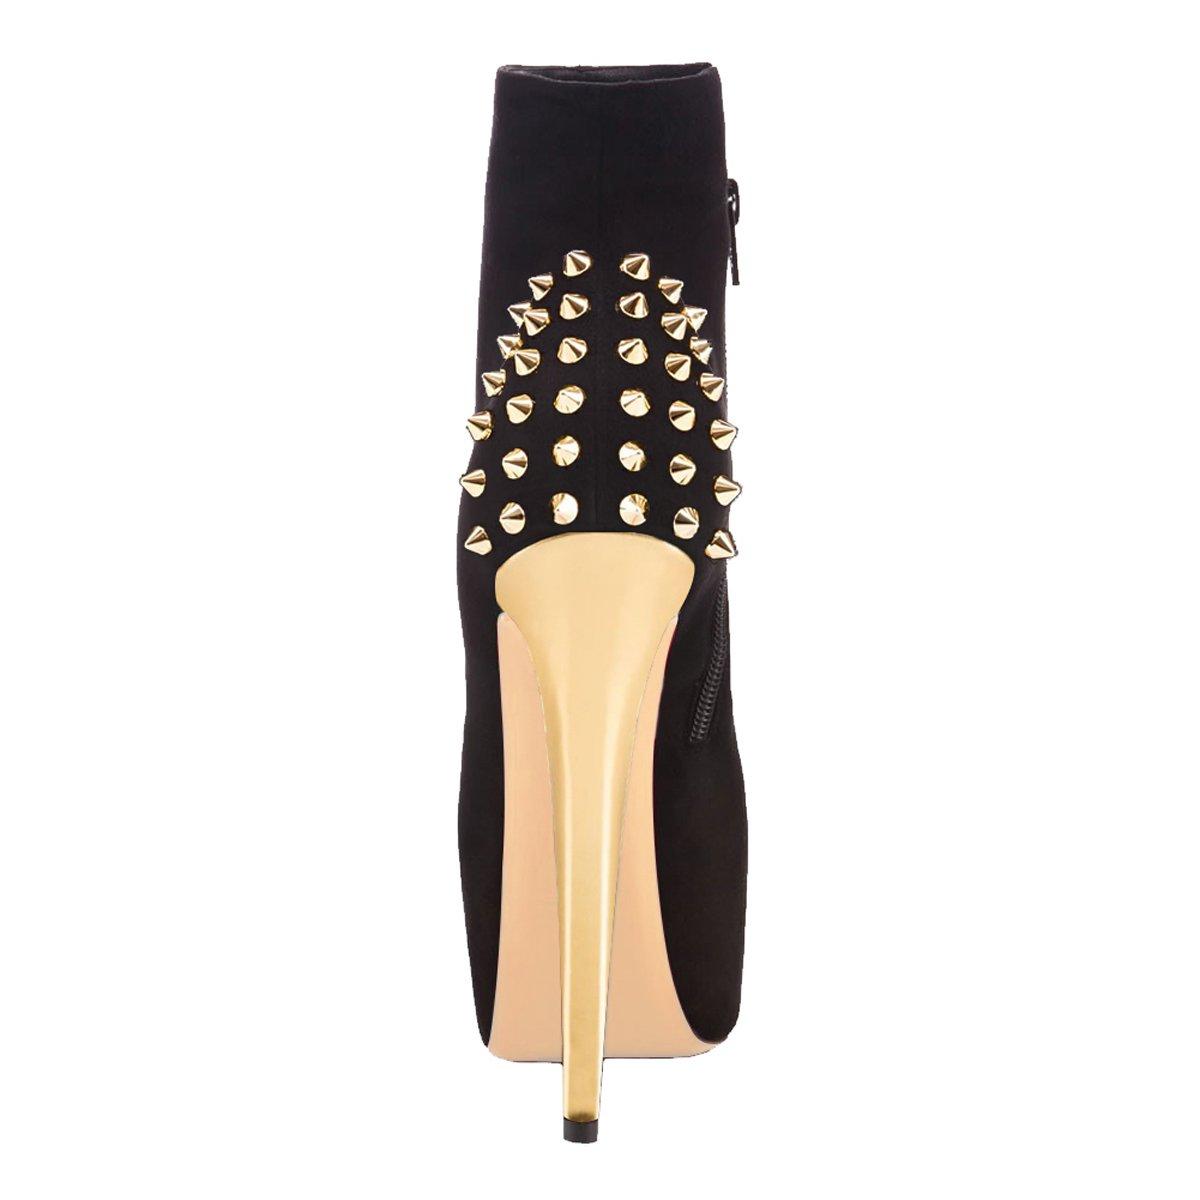 Onlymaker Damen Pumps Stiletto Stiefel mit High Heels Kurzschaft Stiefelette mit Stiefel Plateau schwarz and gold 7965a6